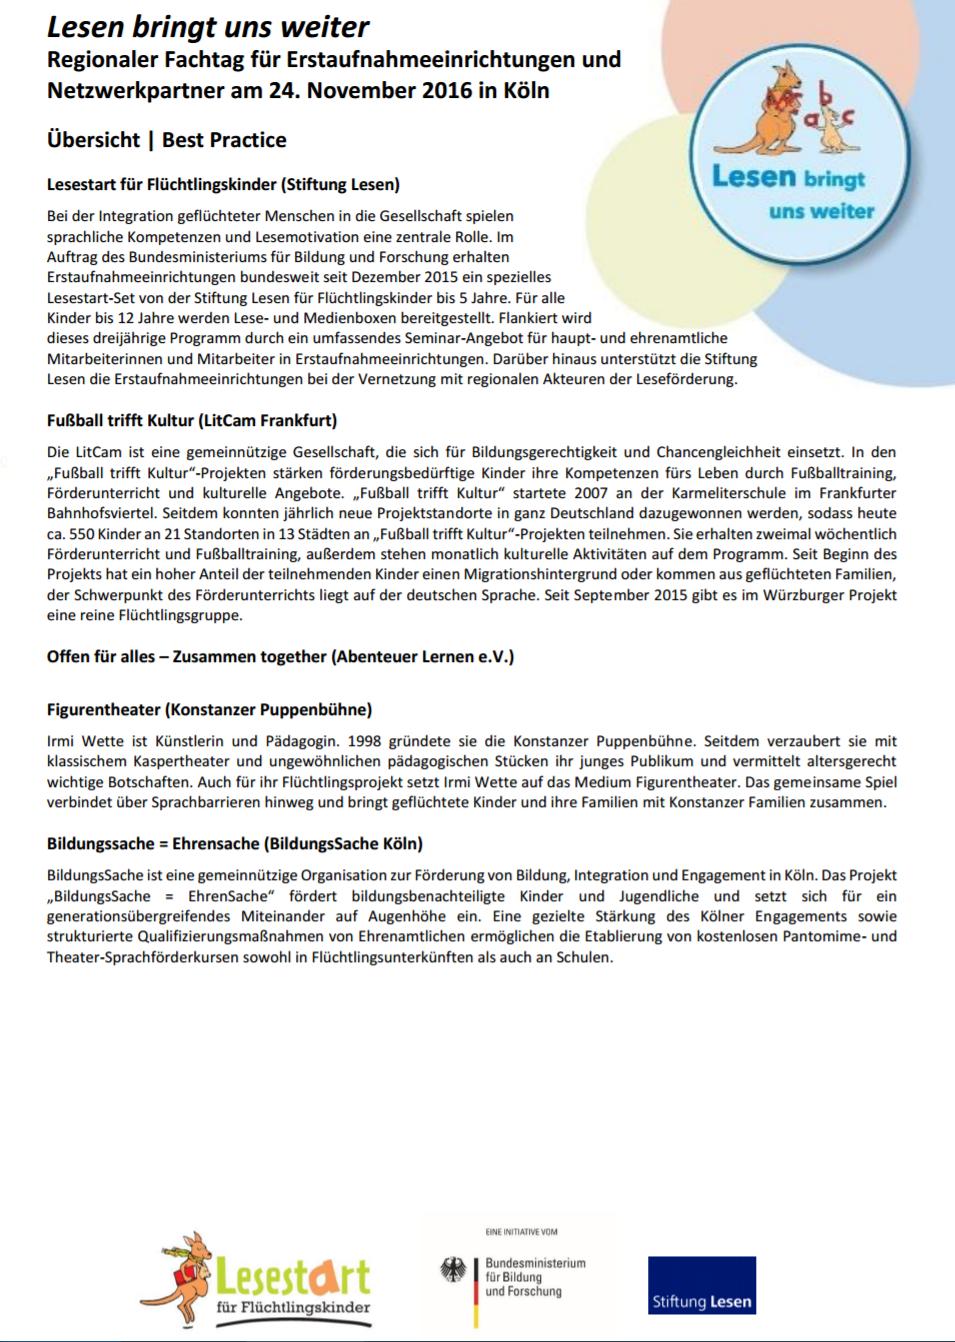 Best-Practise-Projekt: Kölner Fachtag Stiftung Lesen